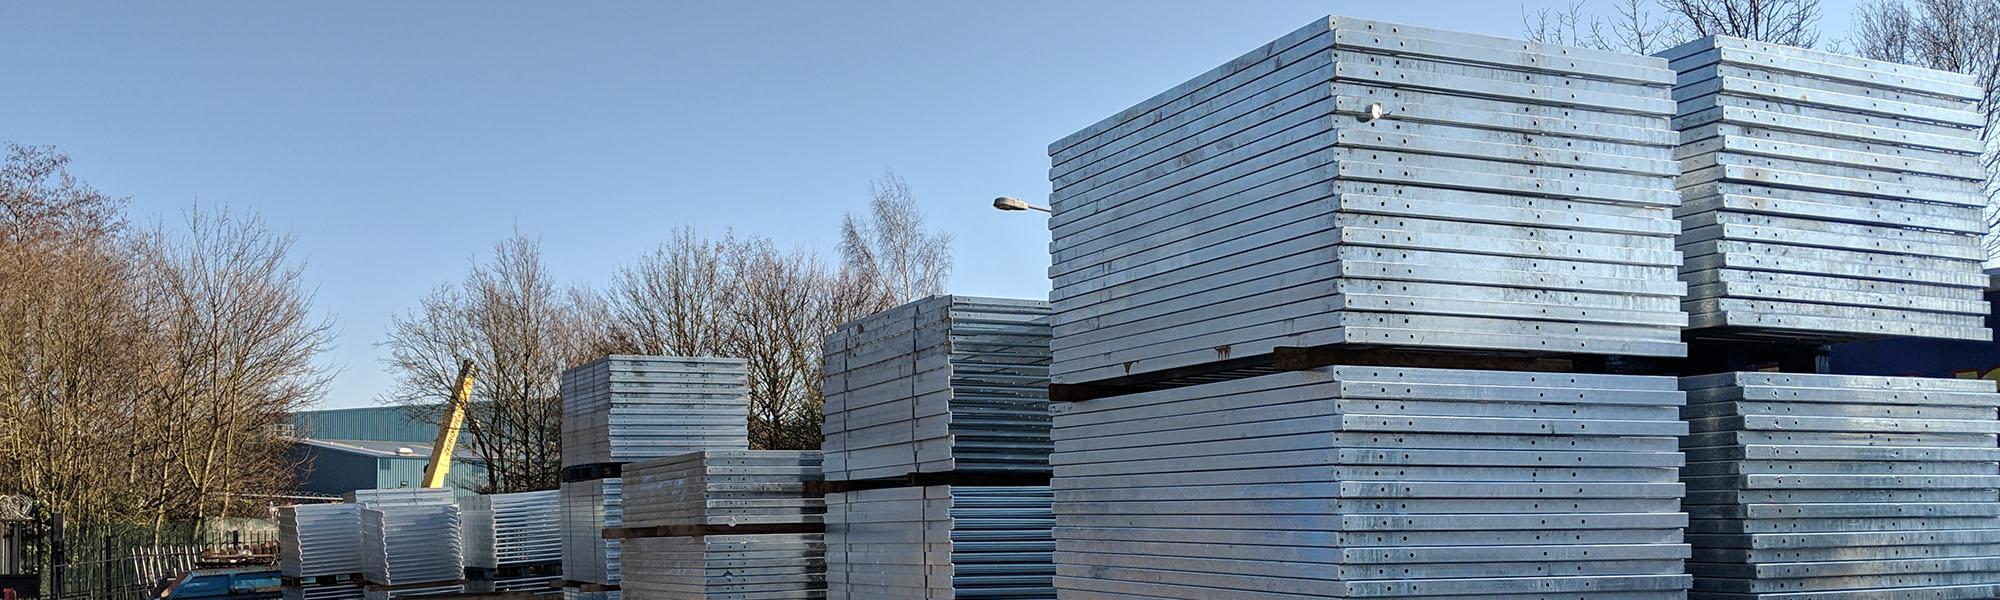 Pedestrian guardrail in stock